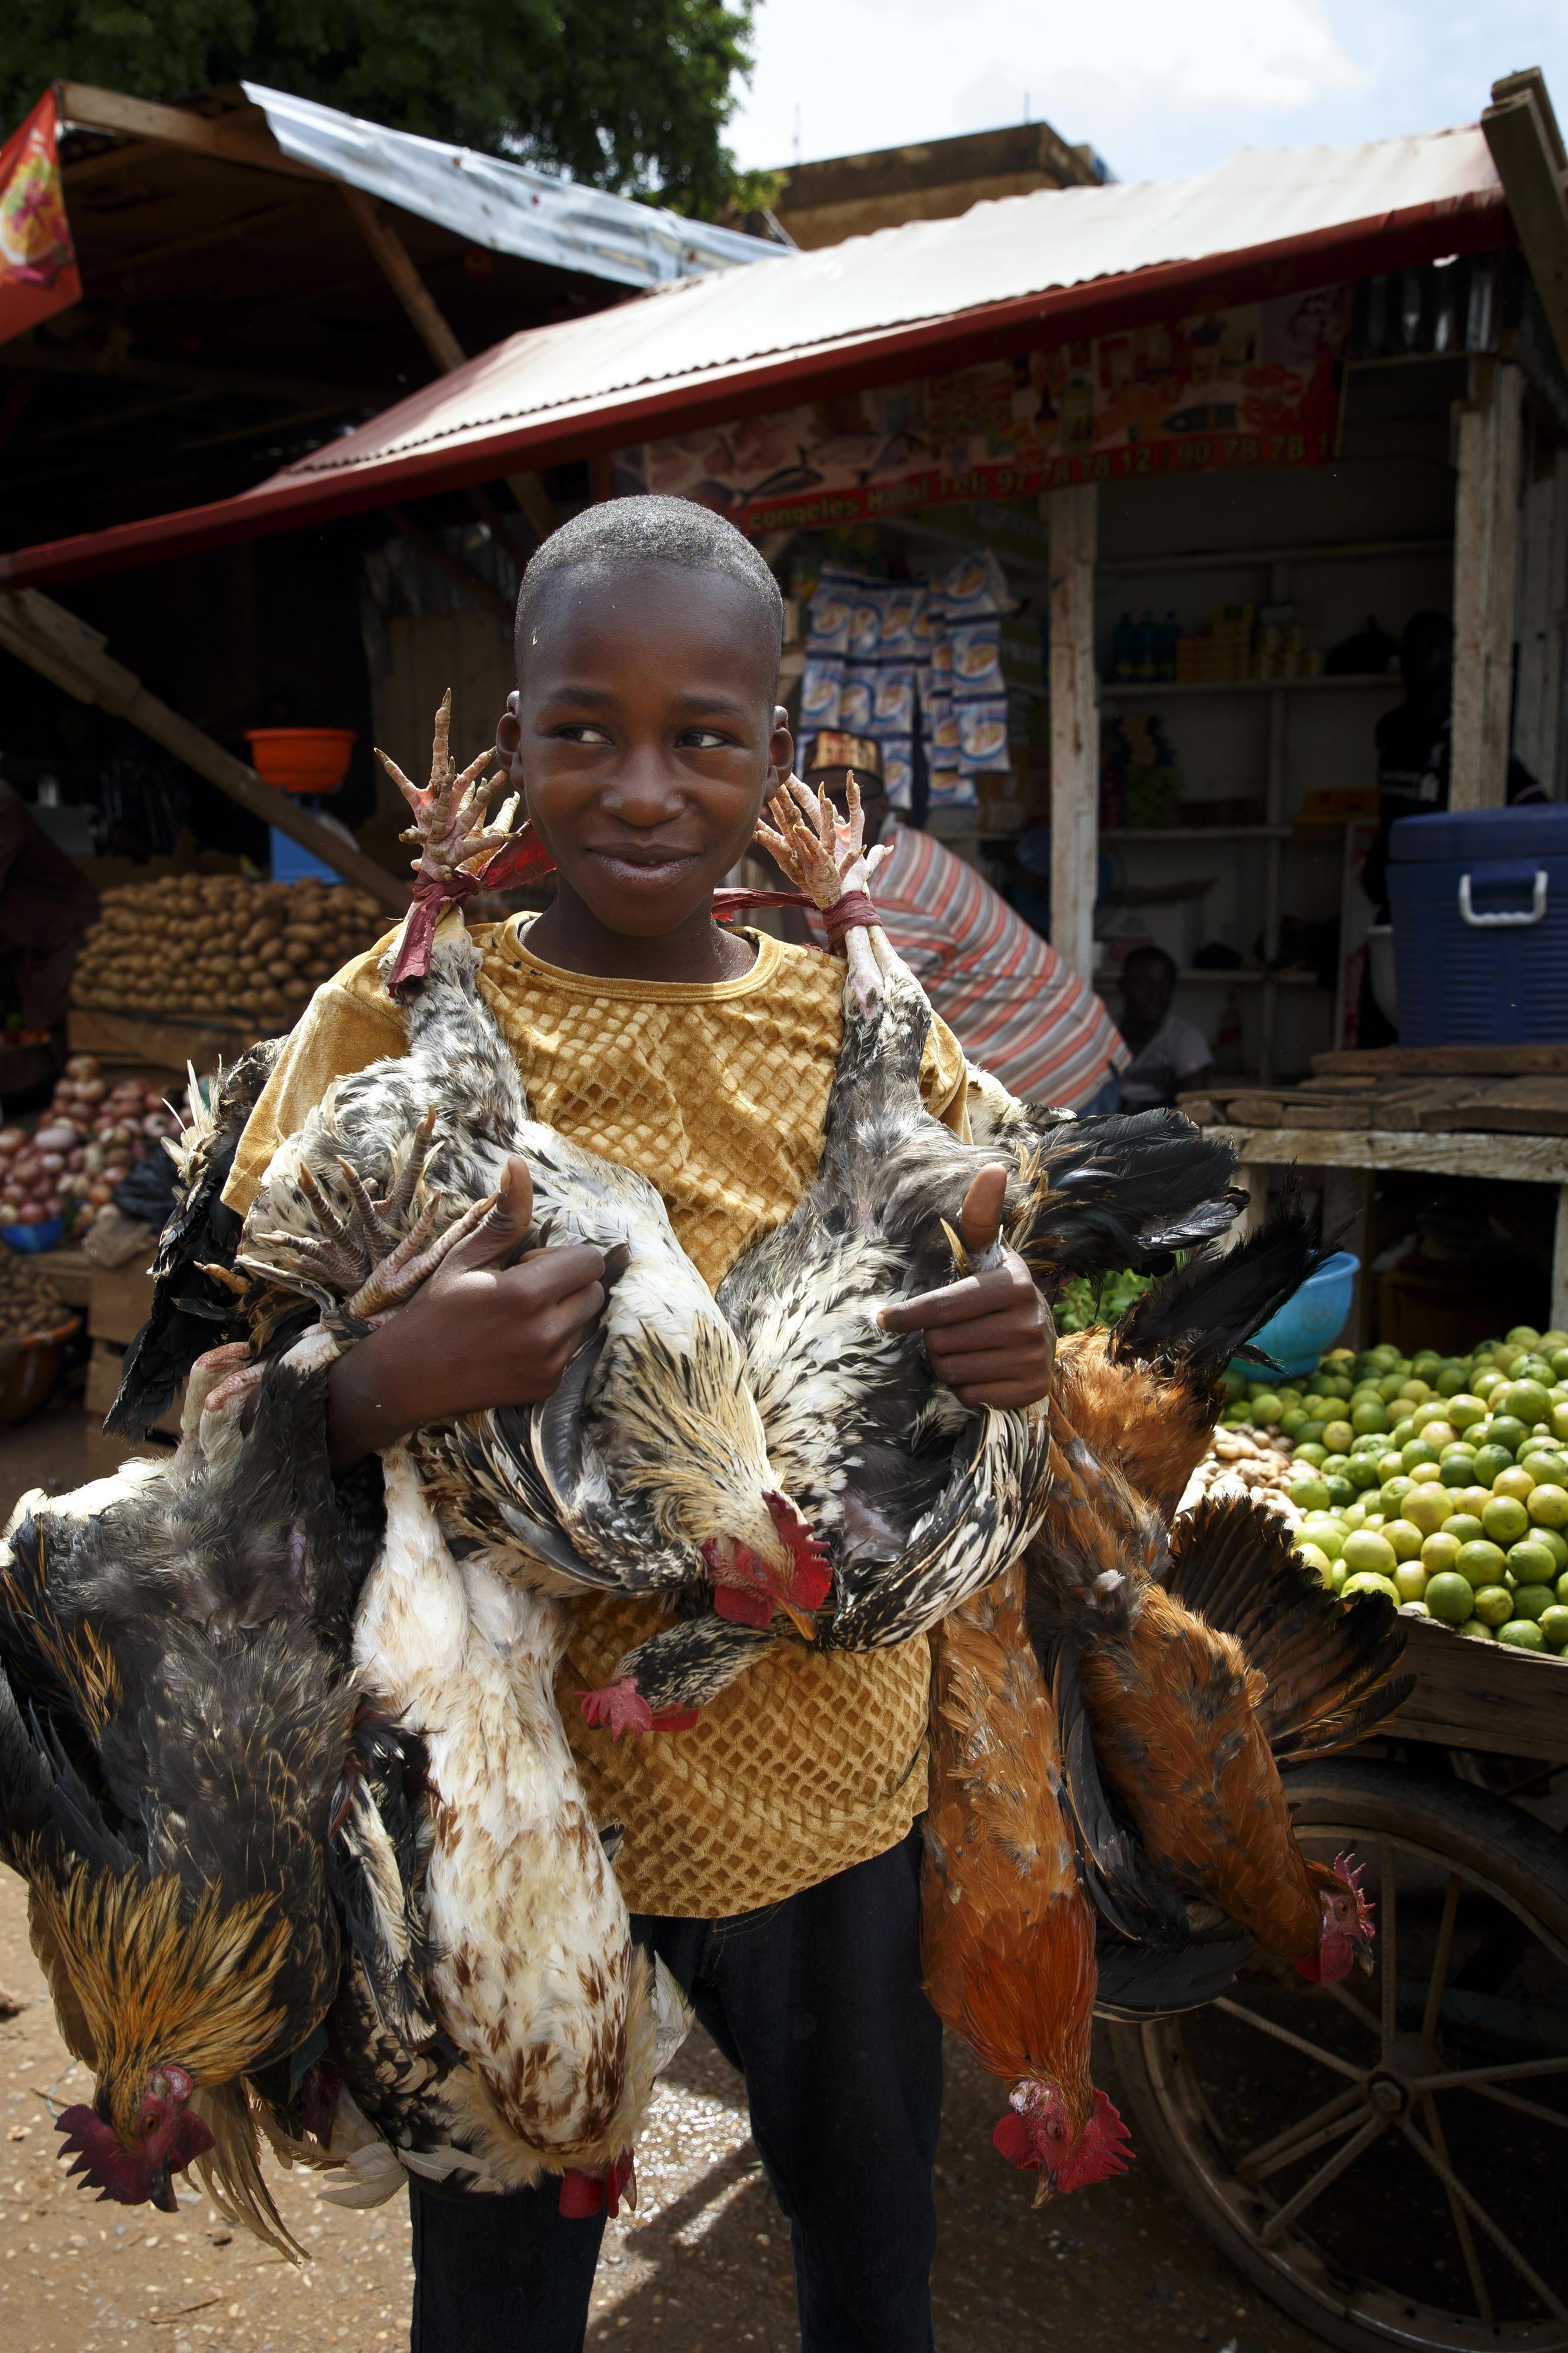 Ein Junge trägt lebende Hühner über den Markt in Niamey.